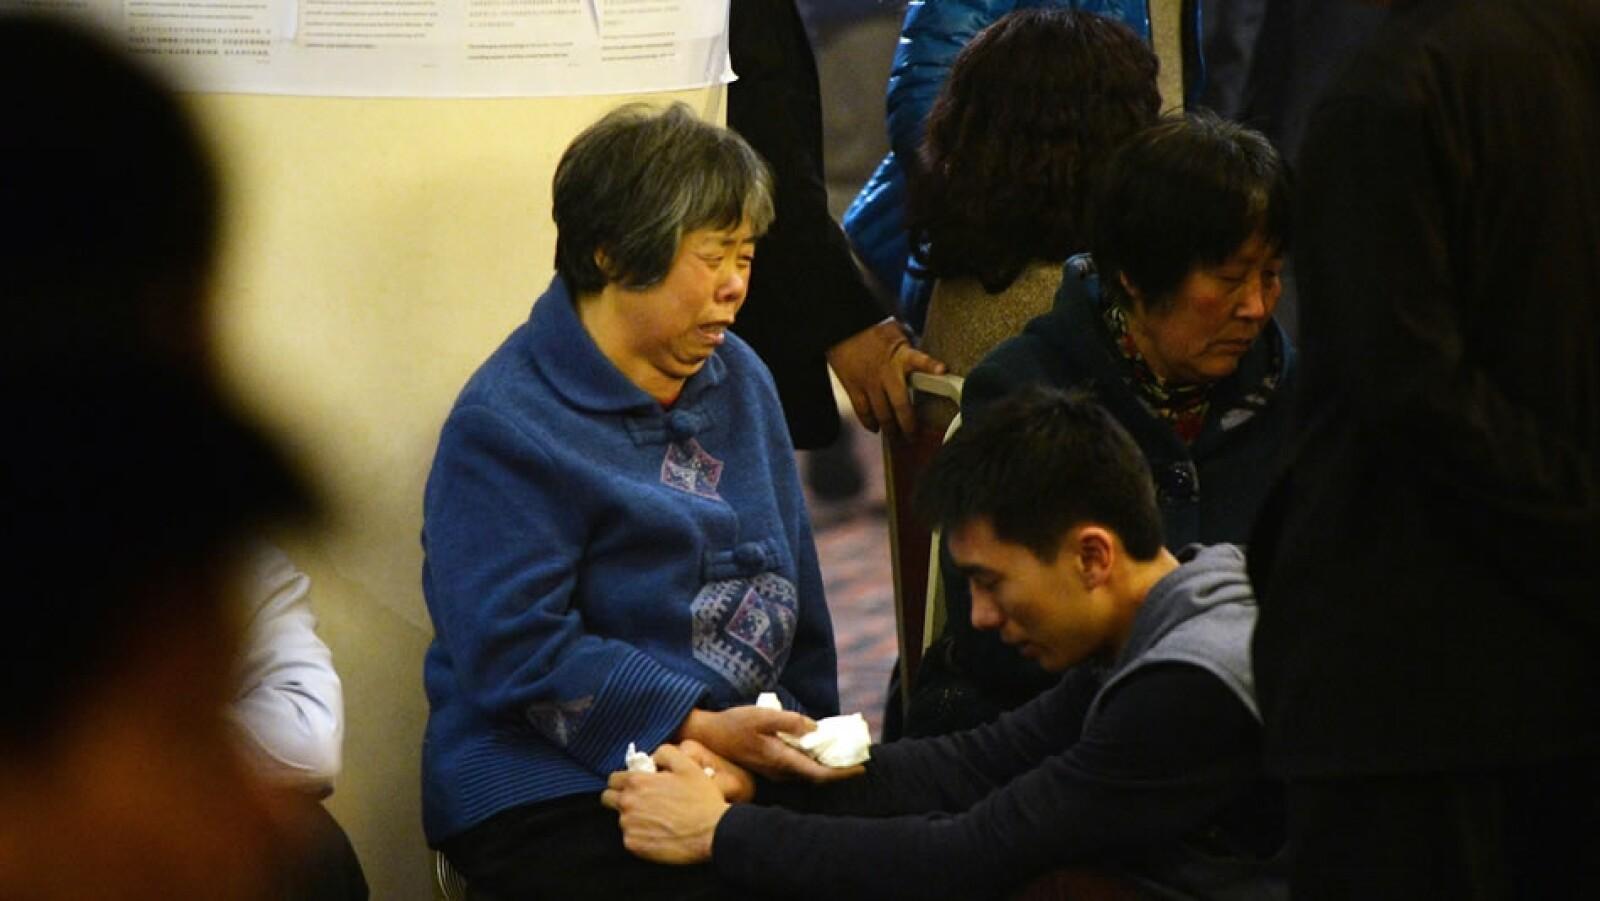 Los familiares de las personas que viajaban en el vuelo 370 de Malaysia Airlines reaccionan tras el anuncio que encontraron la aeronave este lunes